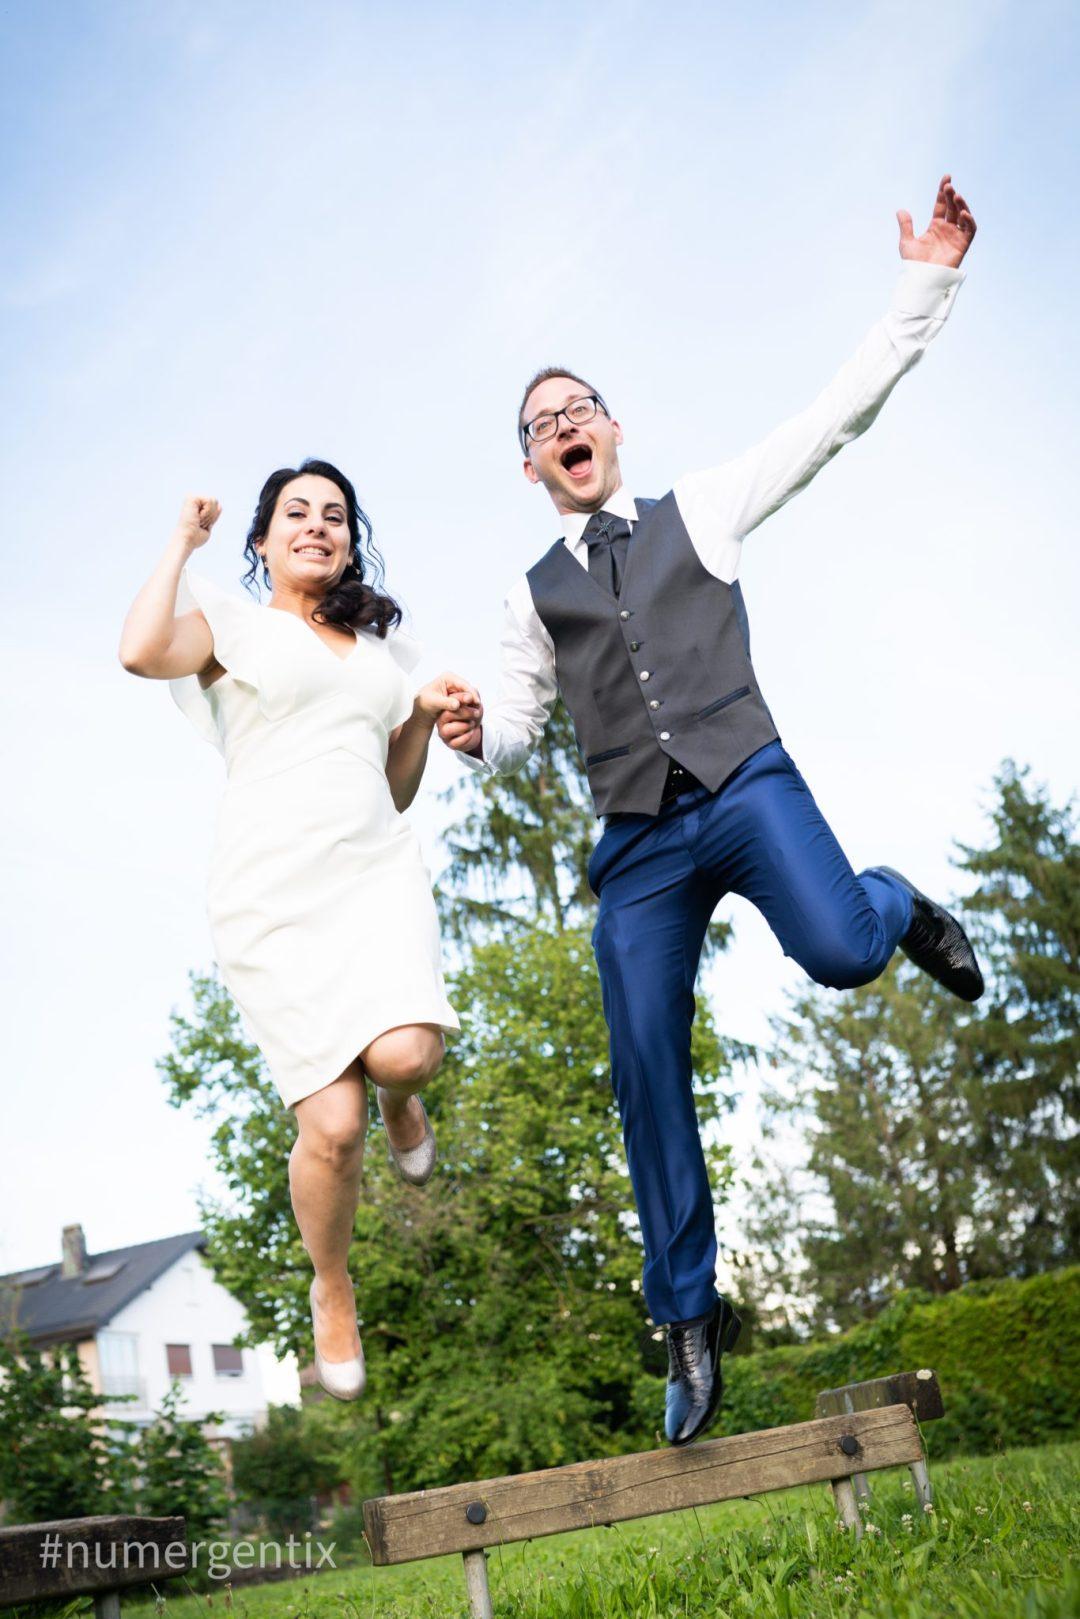 PHOTO / FILM DE MARIAGE 5 - Nicolas Galiano-Favre photographe et pilote de drone à votre service